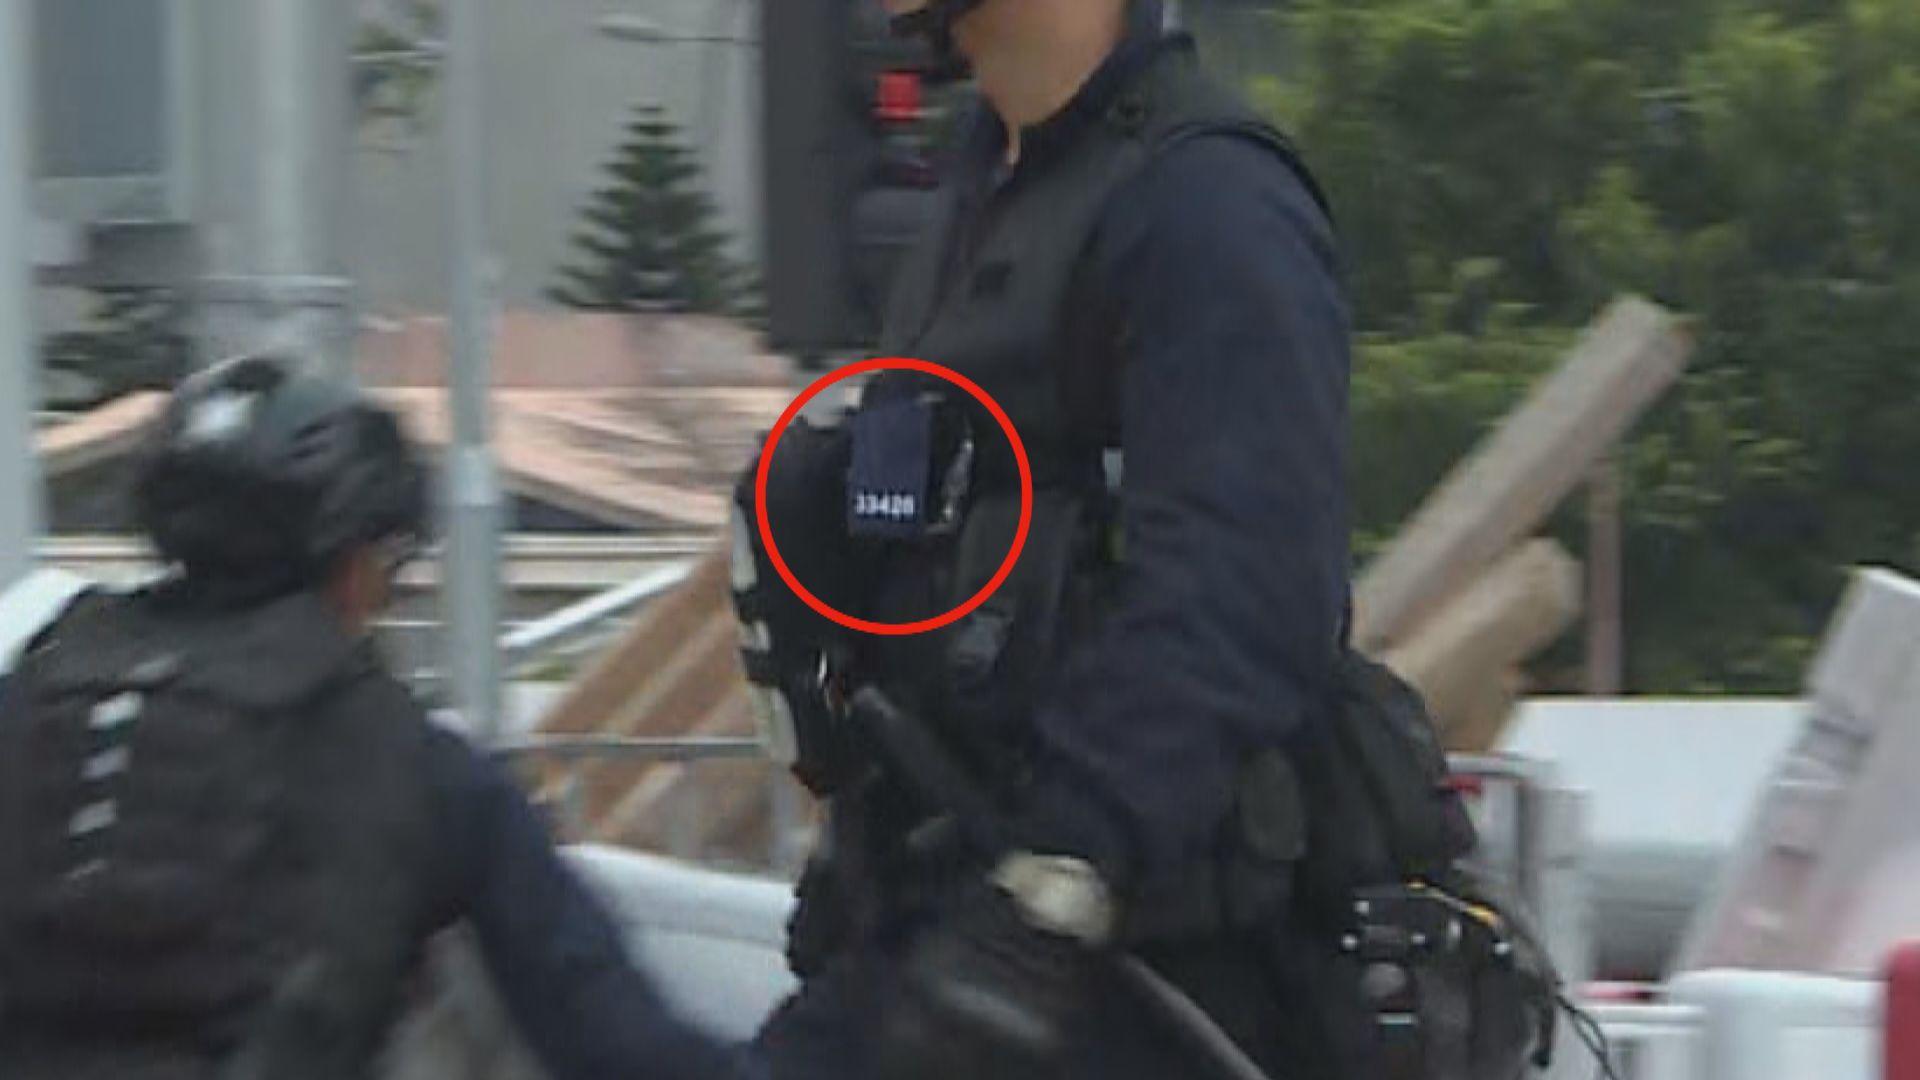 警方:行動中盡可能展示警員編號